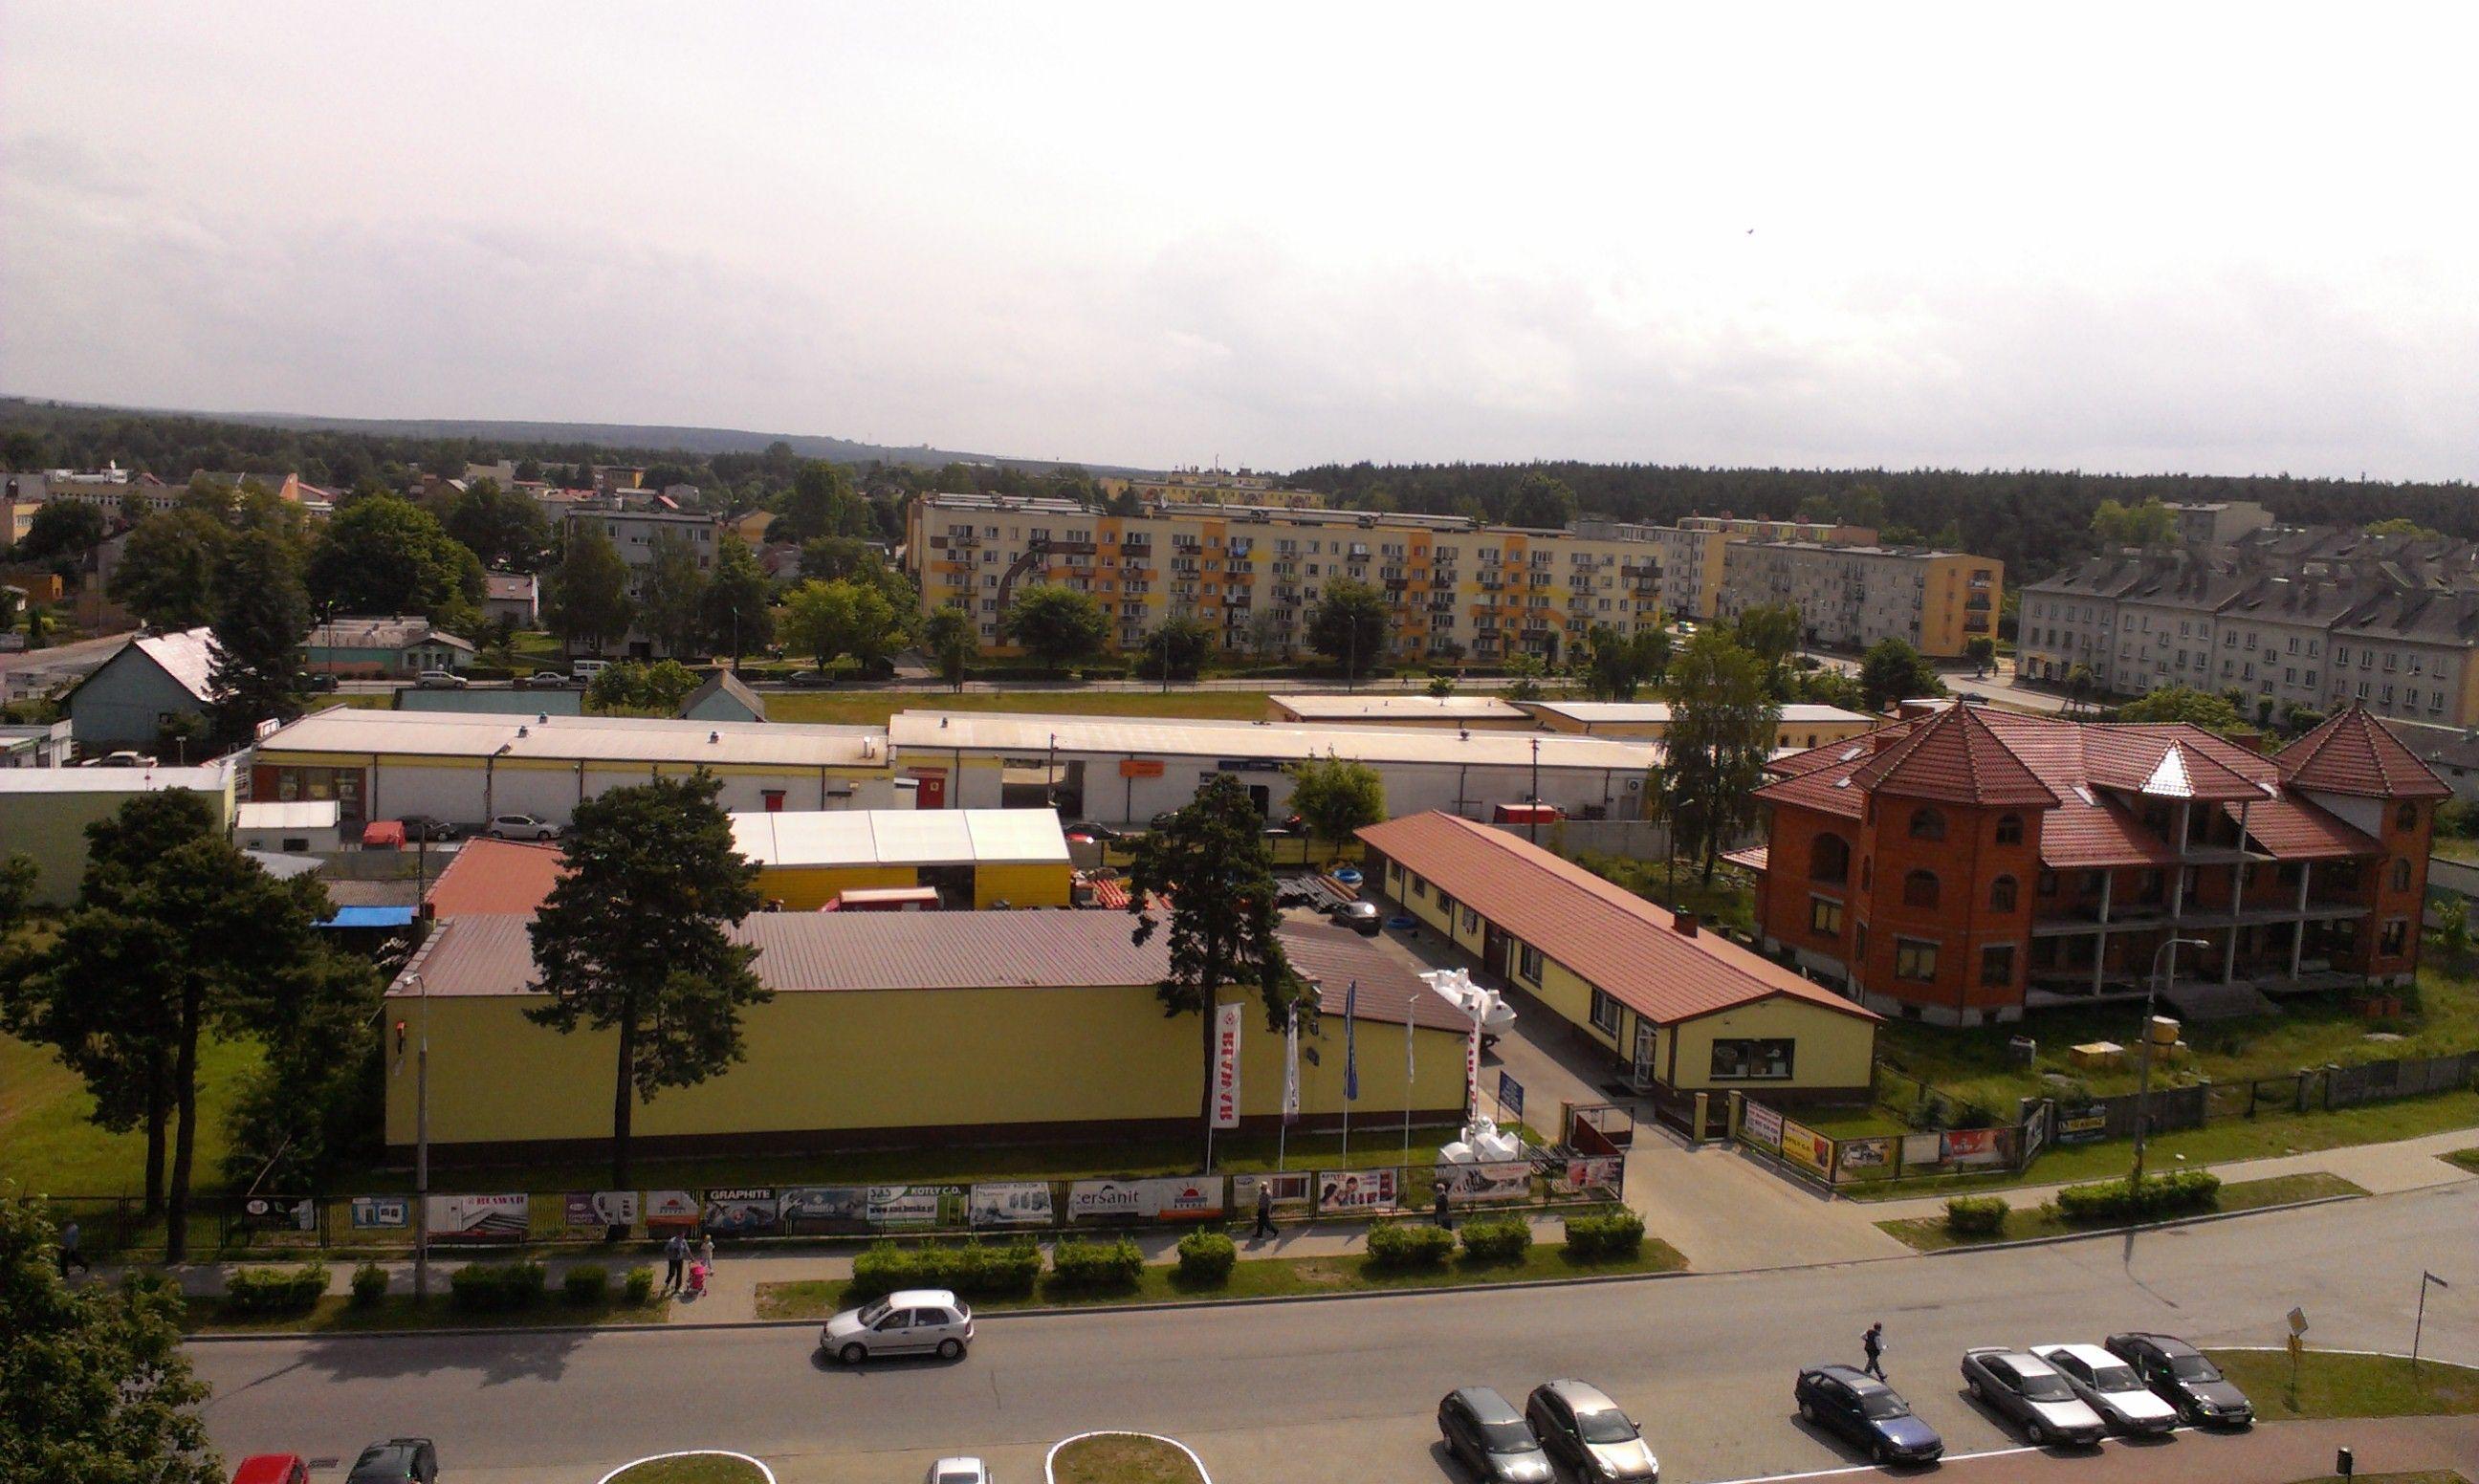 Przeglądy budynków Stąporków PPM Vision